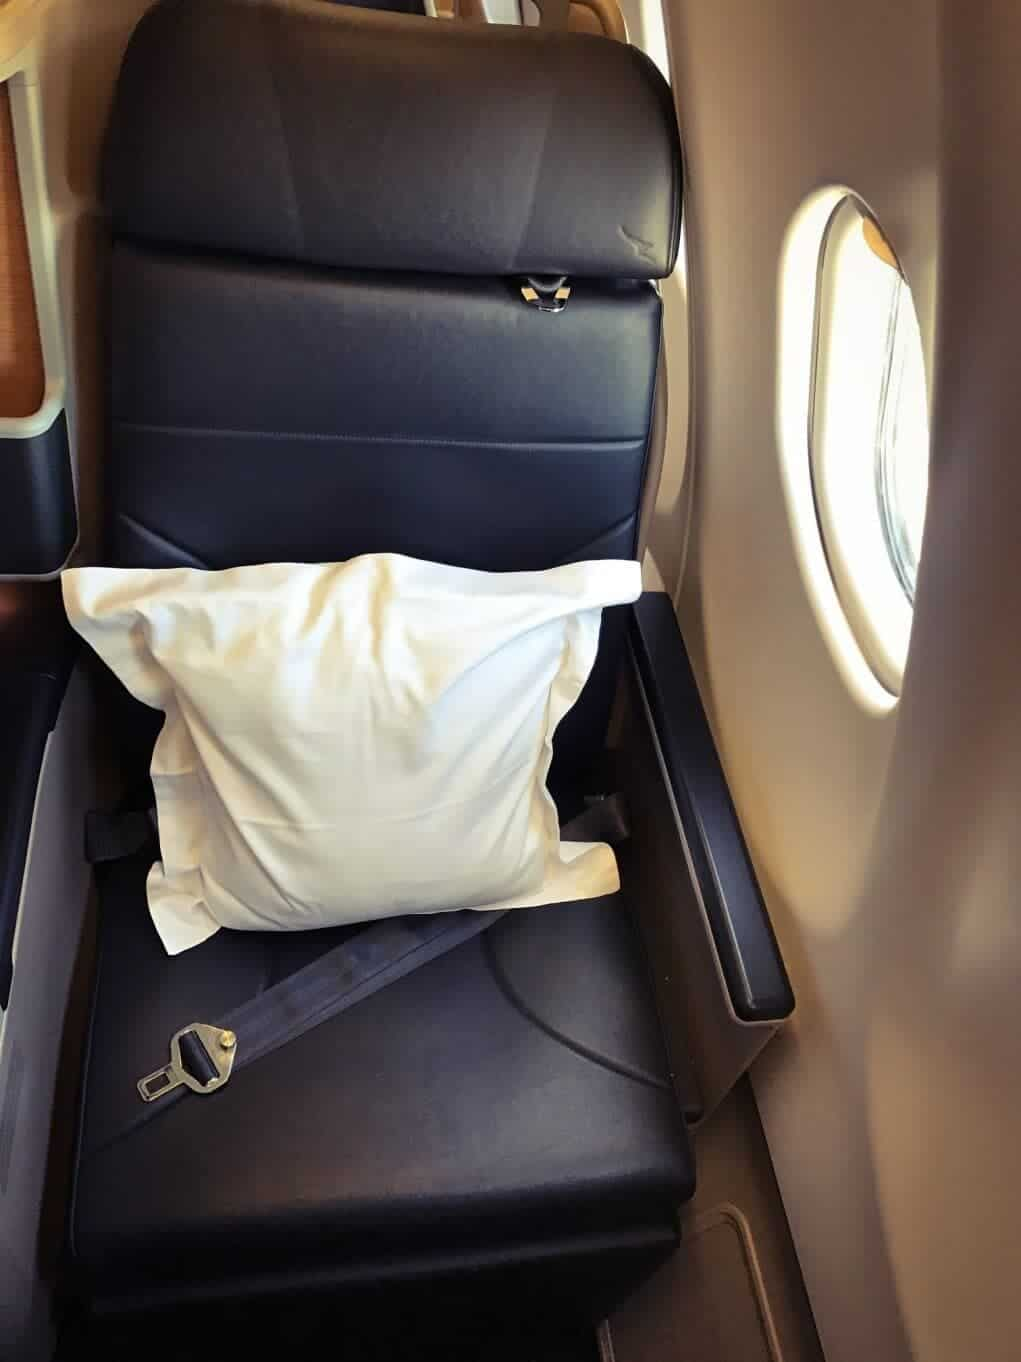 Qantas Airbus A330-200 Business Suite Fenstersitz